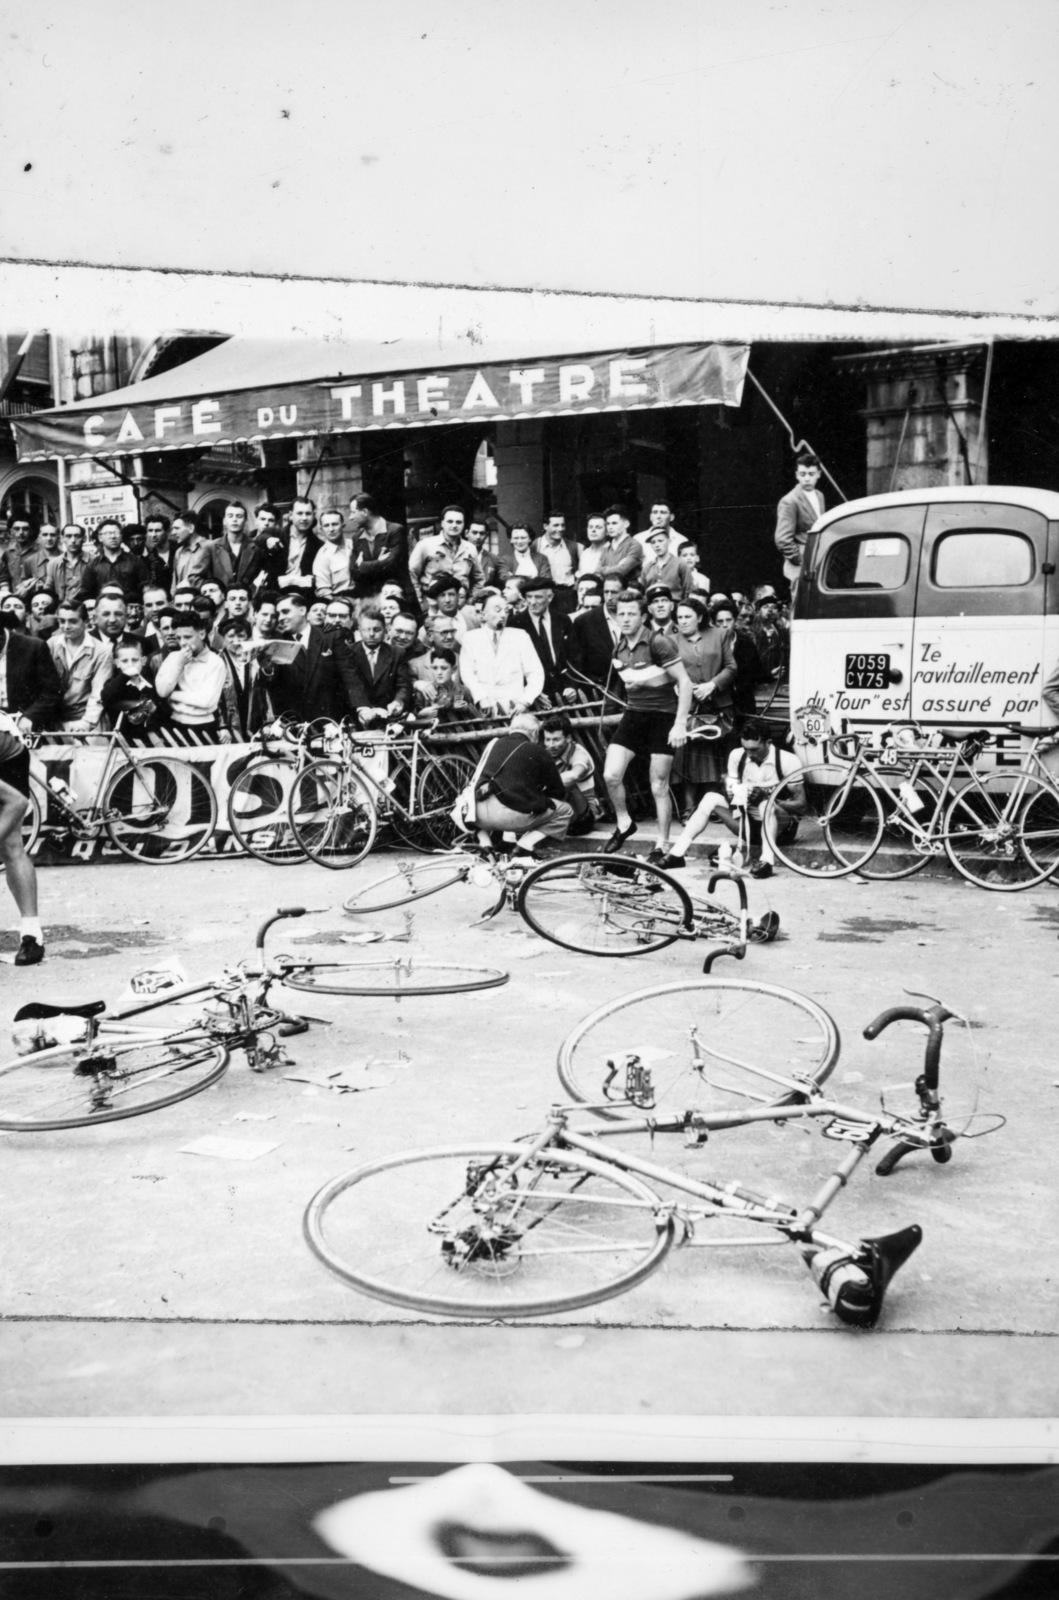 [Tour de France]